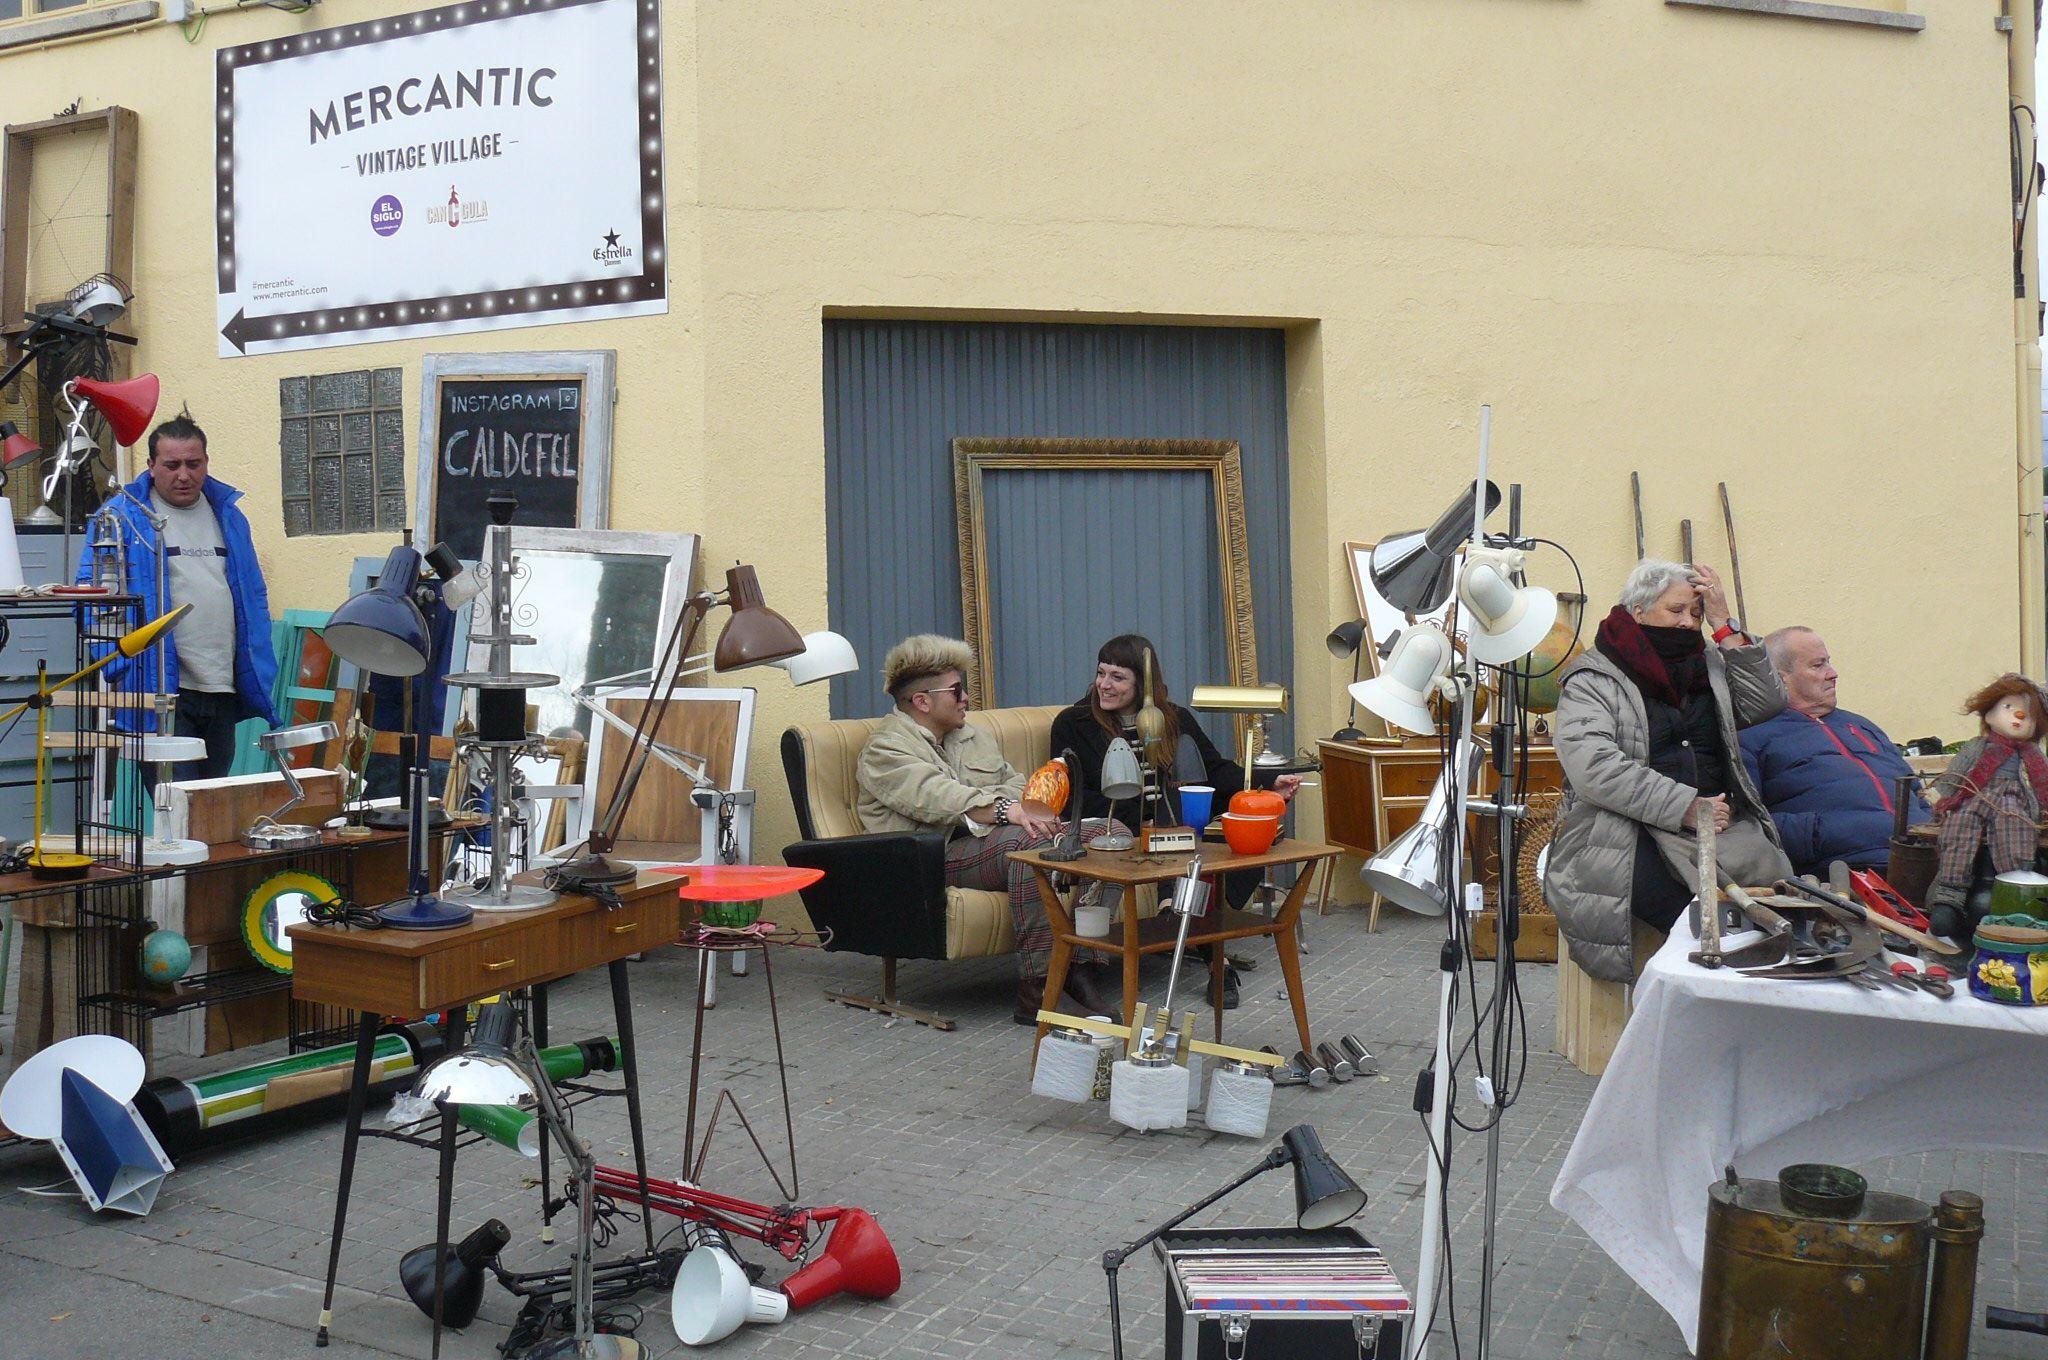 блошиные рынки Блошиные рынки по всему миру MERCANTIC3